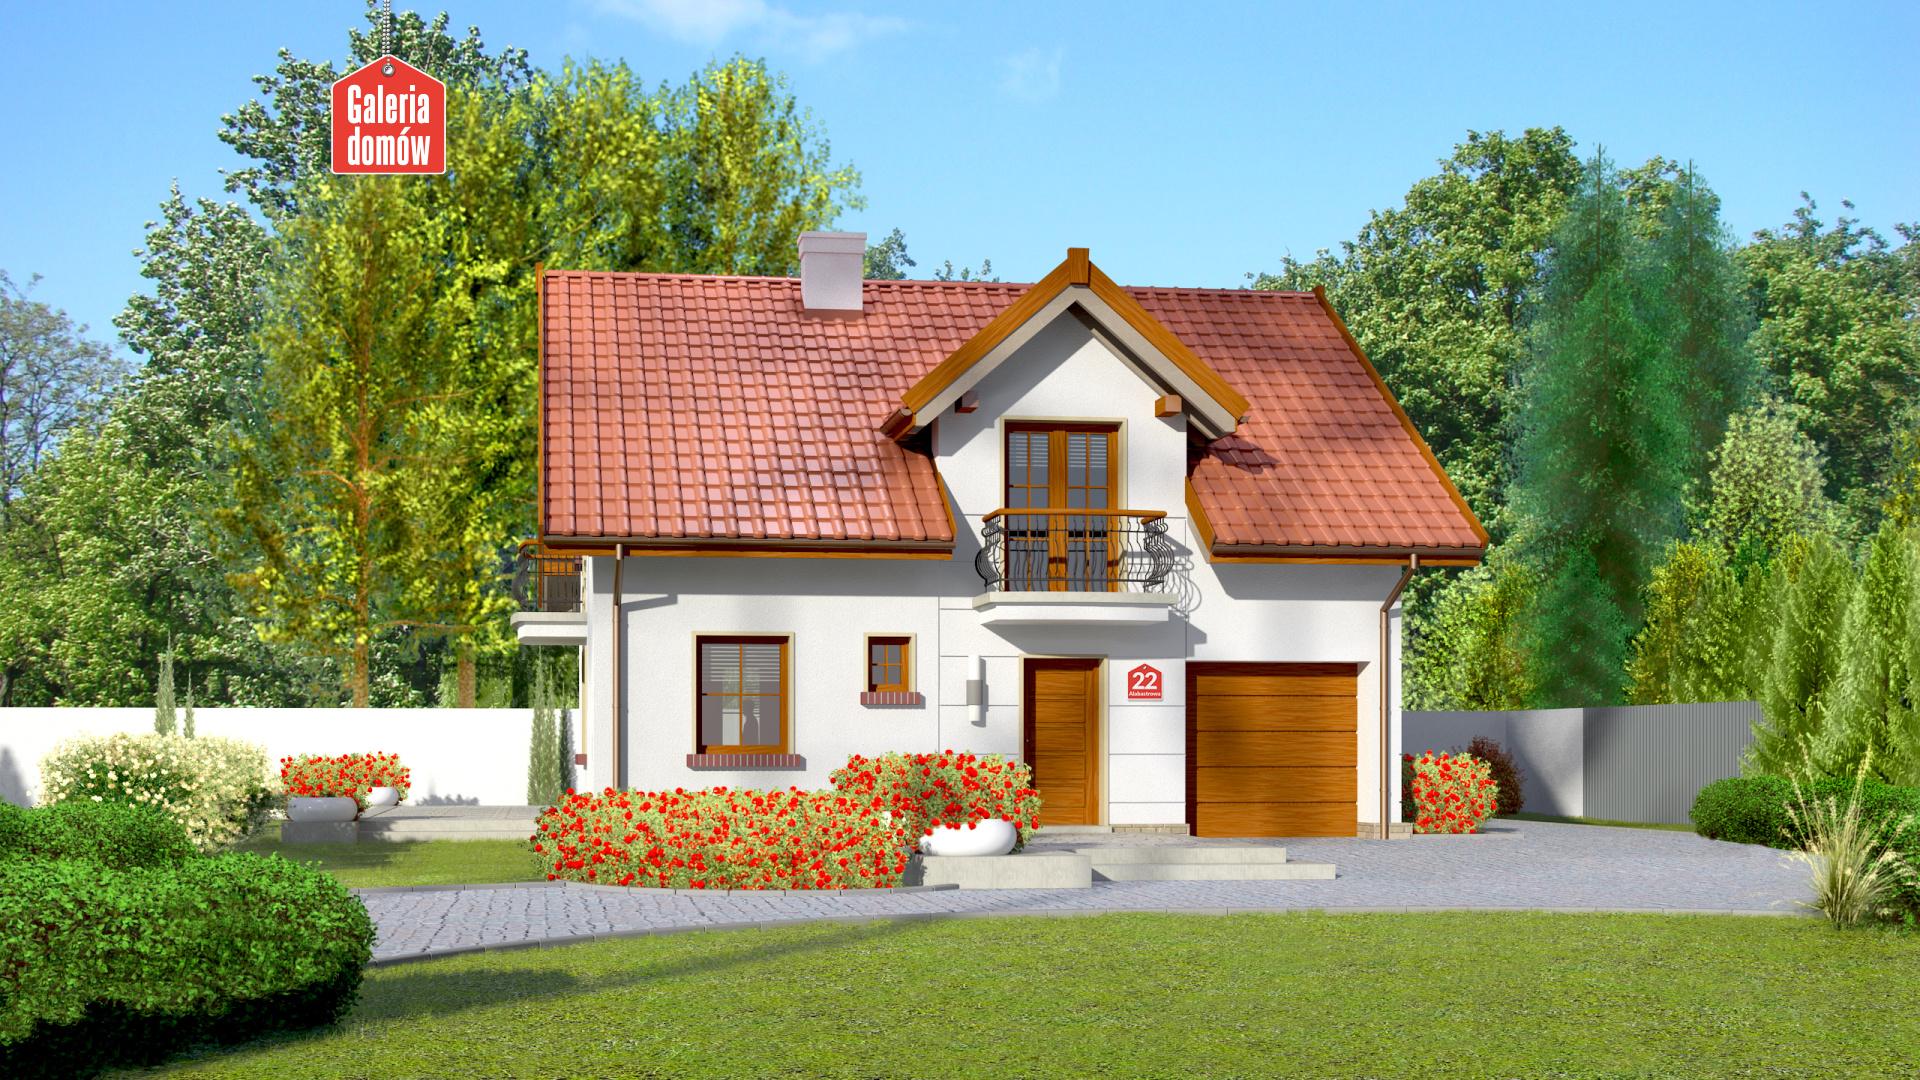 Dom przy Alabastrowej 22 - zdjęcie projektu i wizualizacja